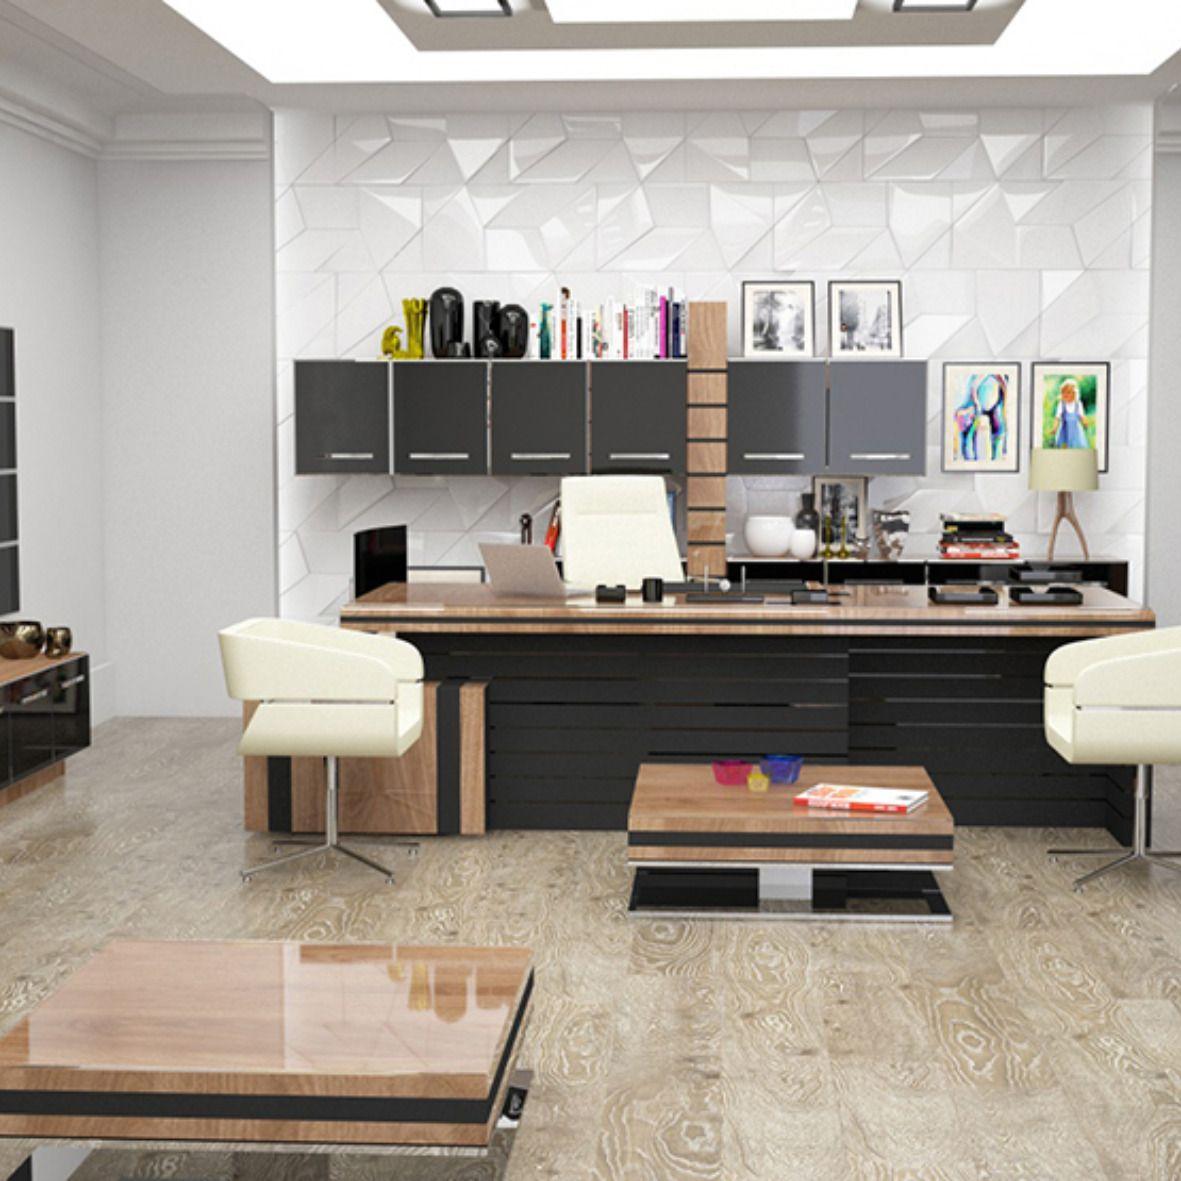 Interior Design Interior Design Interior Architecture Design Interior